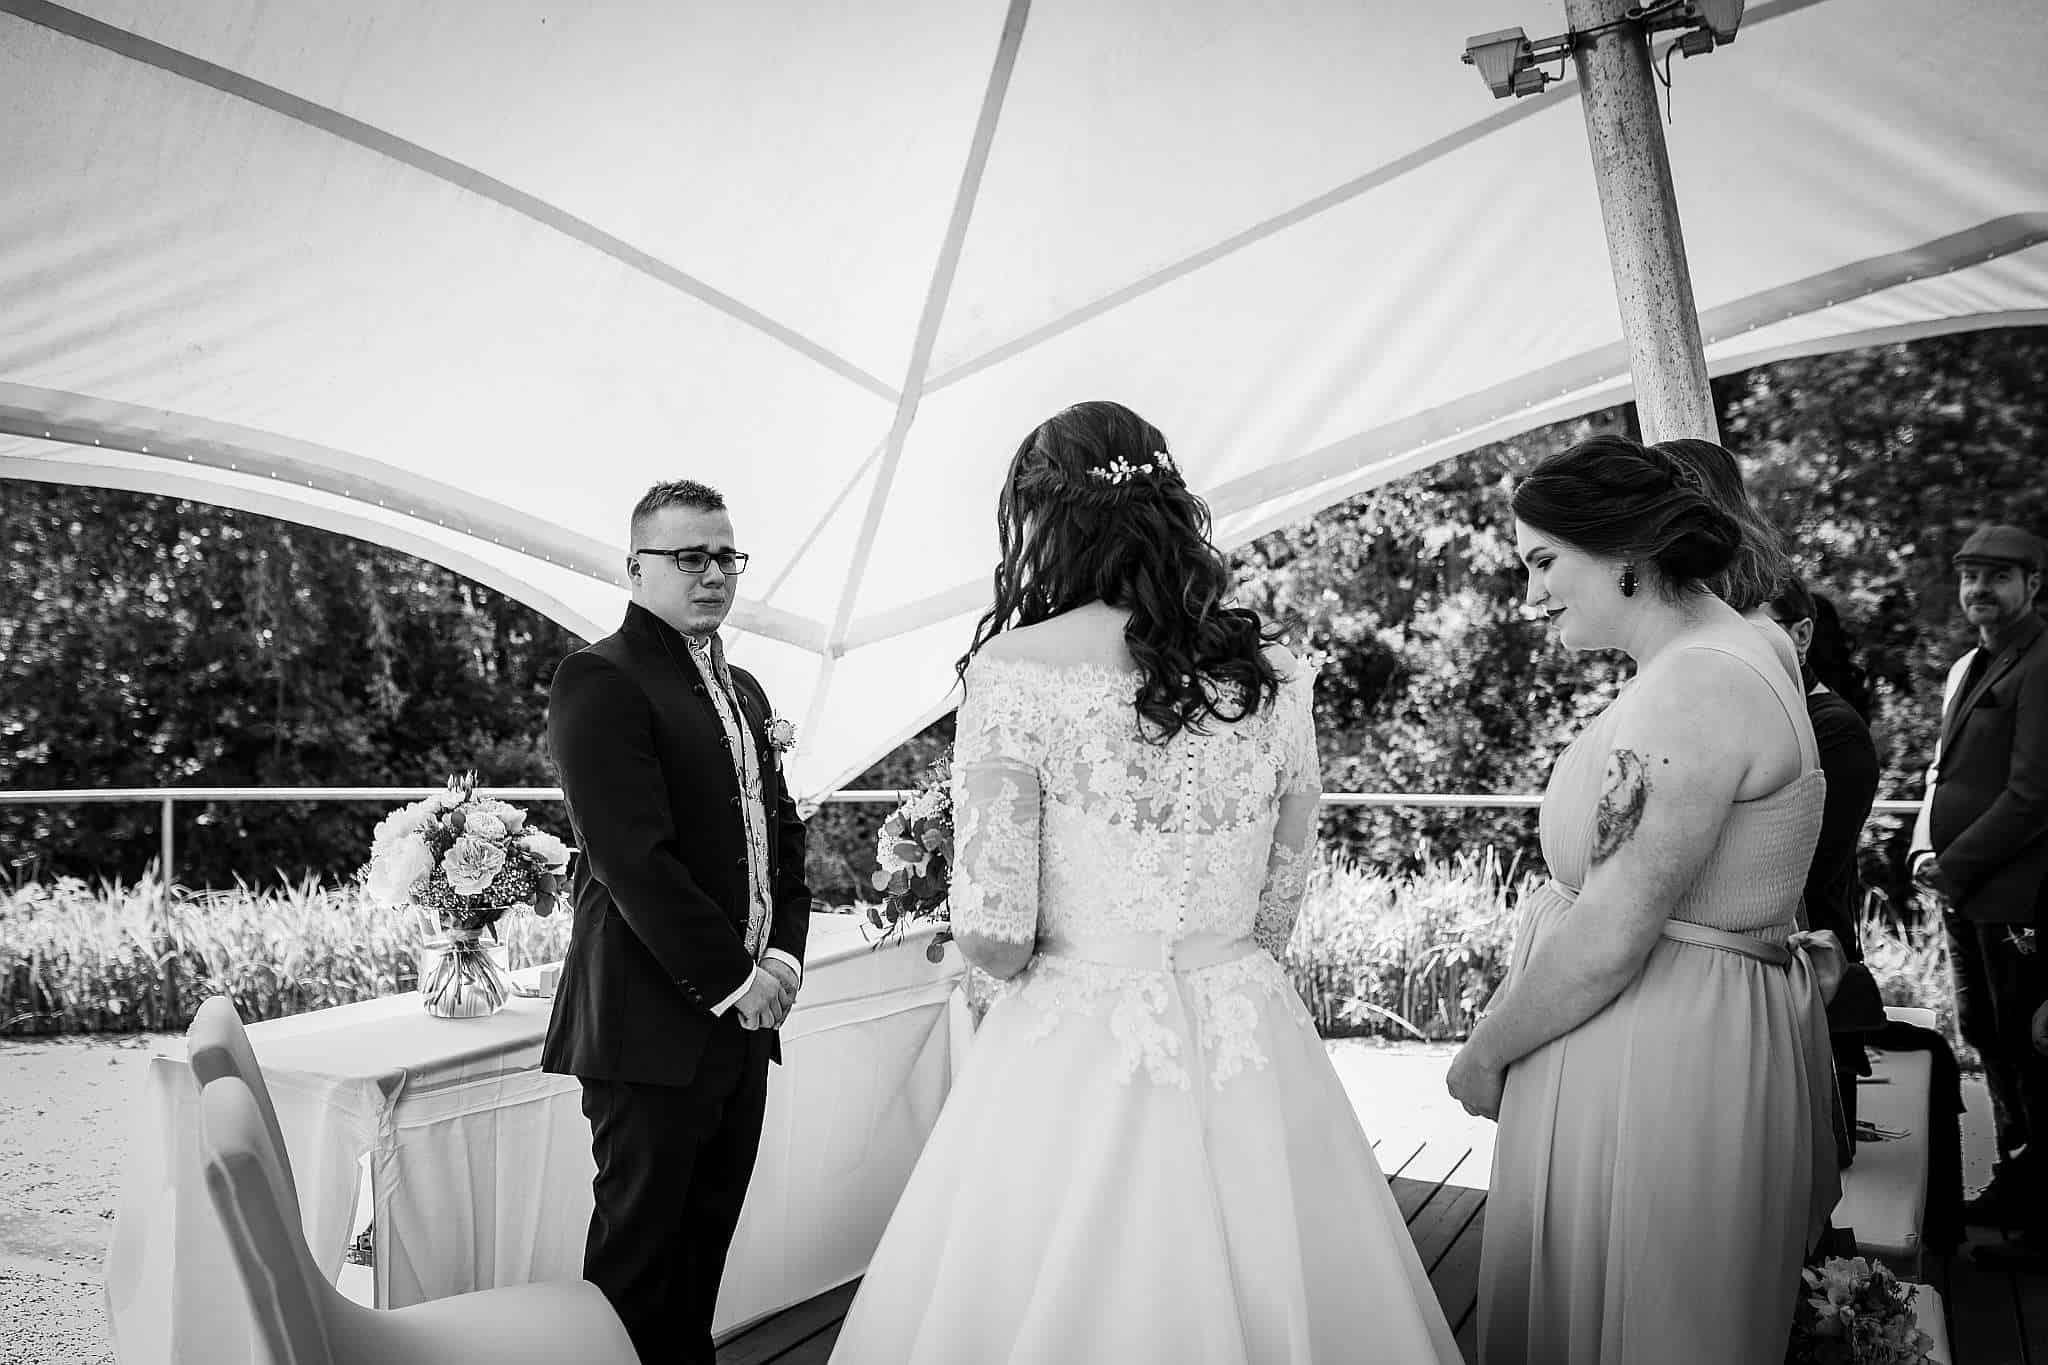 Hochzeit in Kaiserslautern: Der Bräutigam weint, als er seine Braut das erste mal sieht